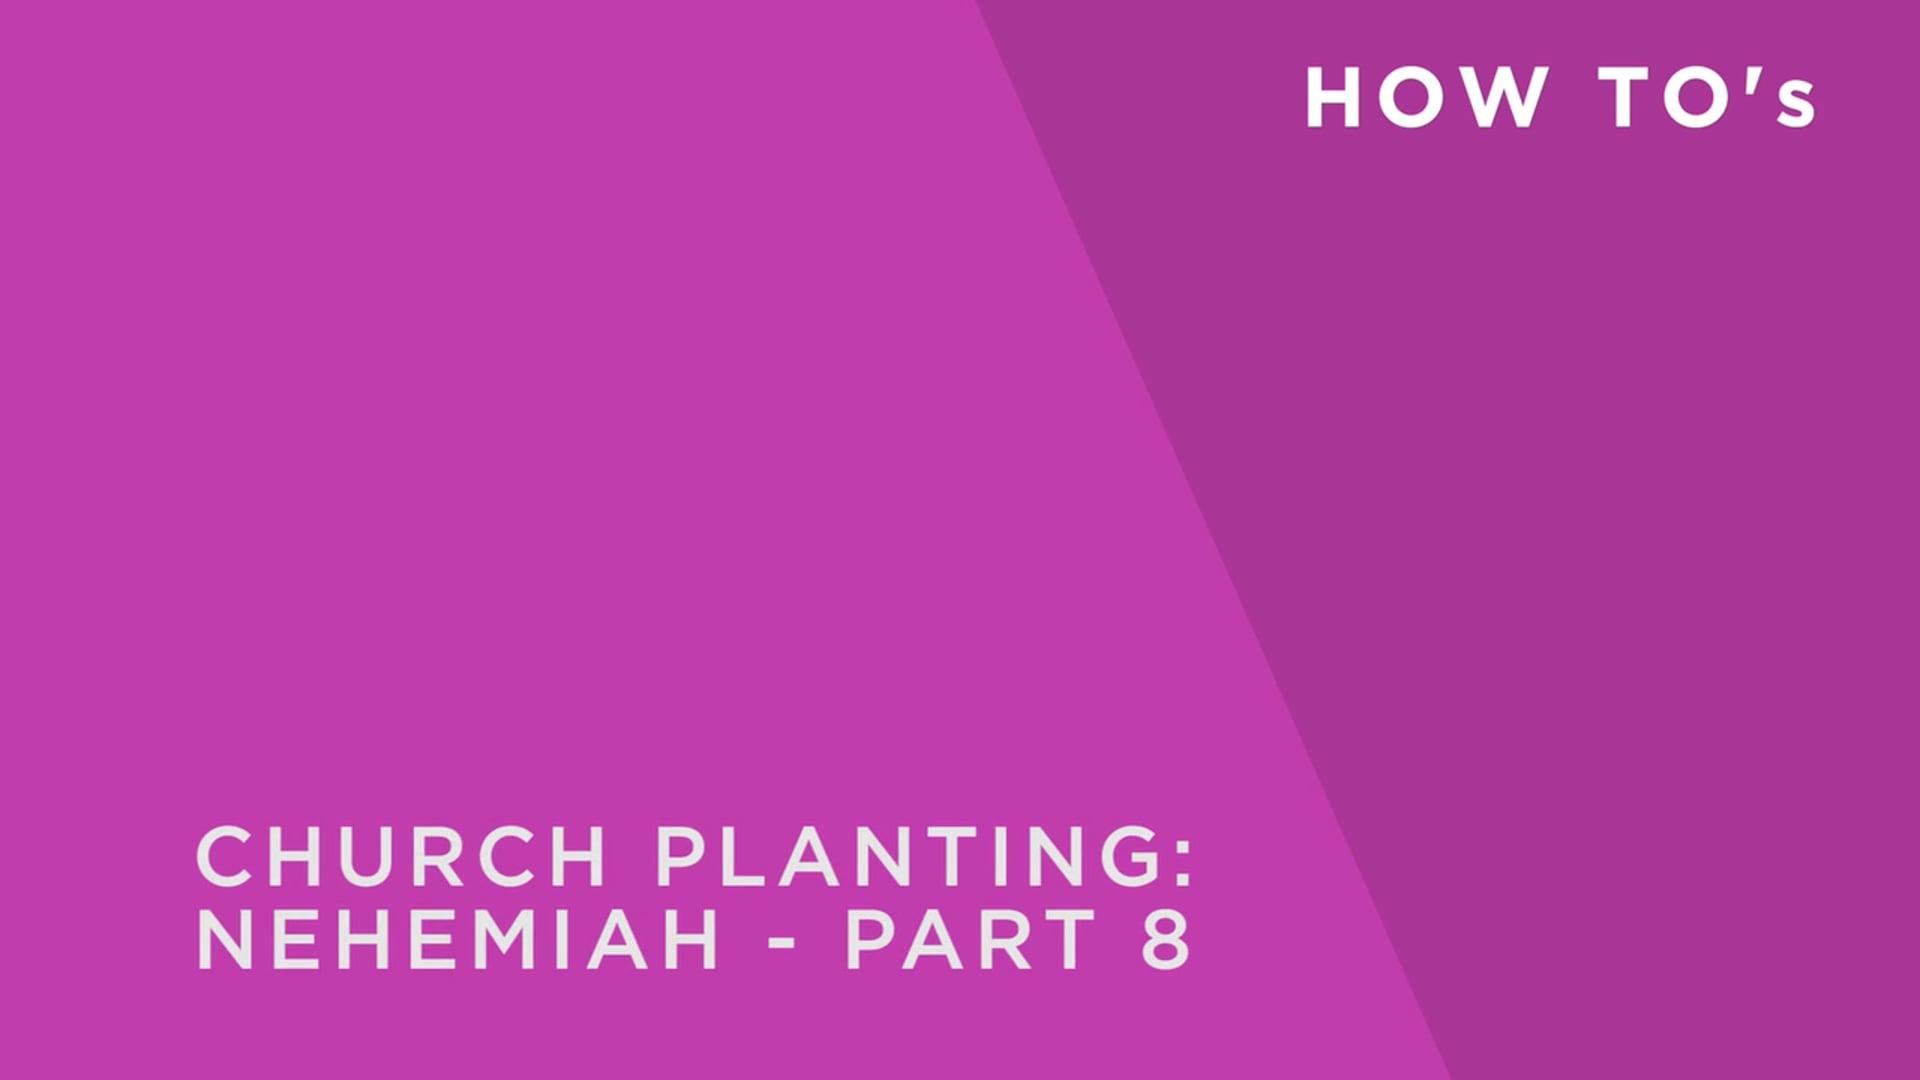 Church Planting: Nehemiah 8